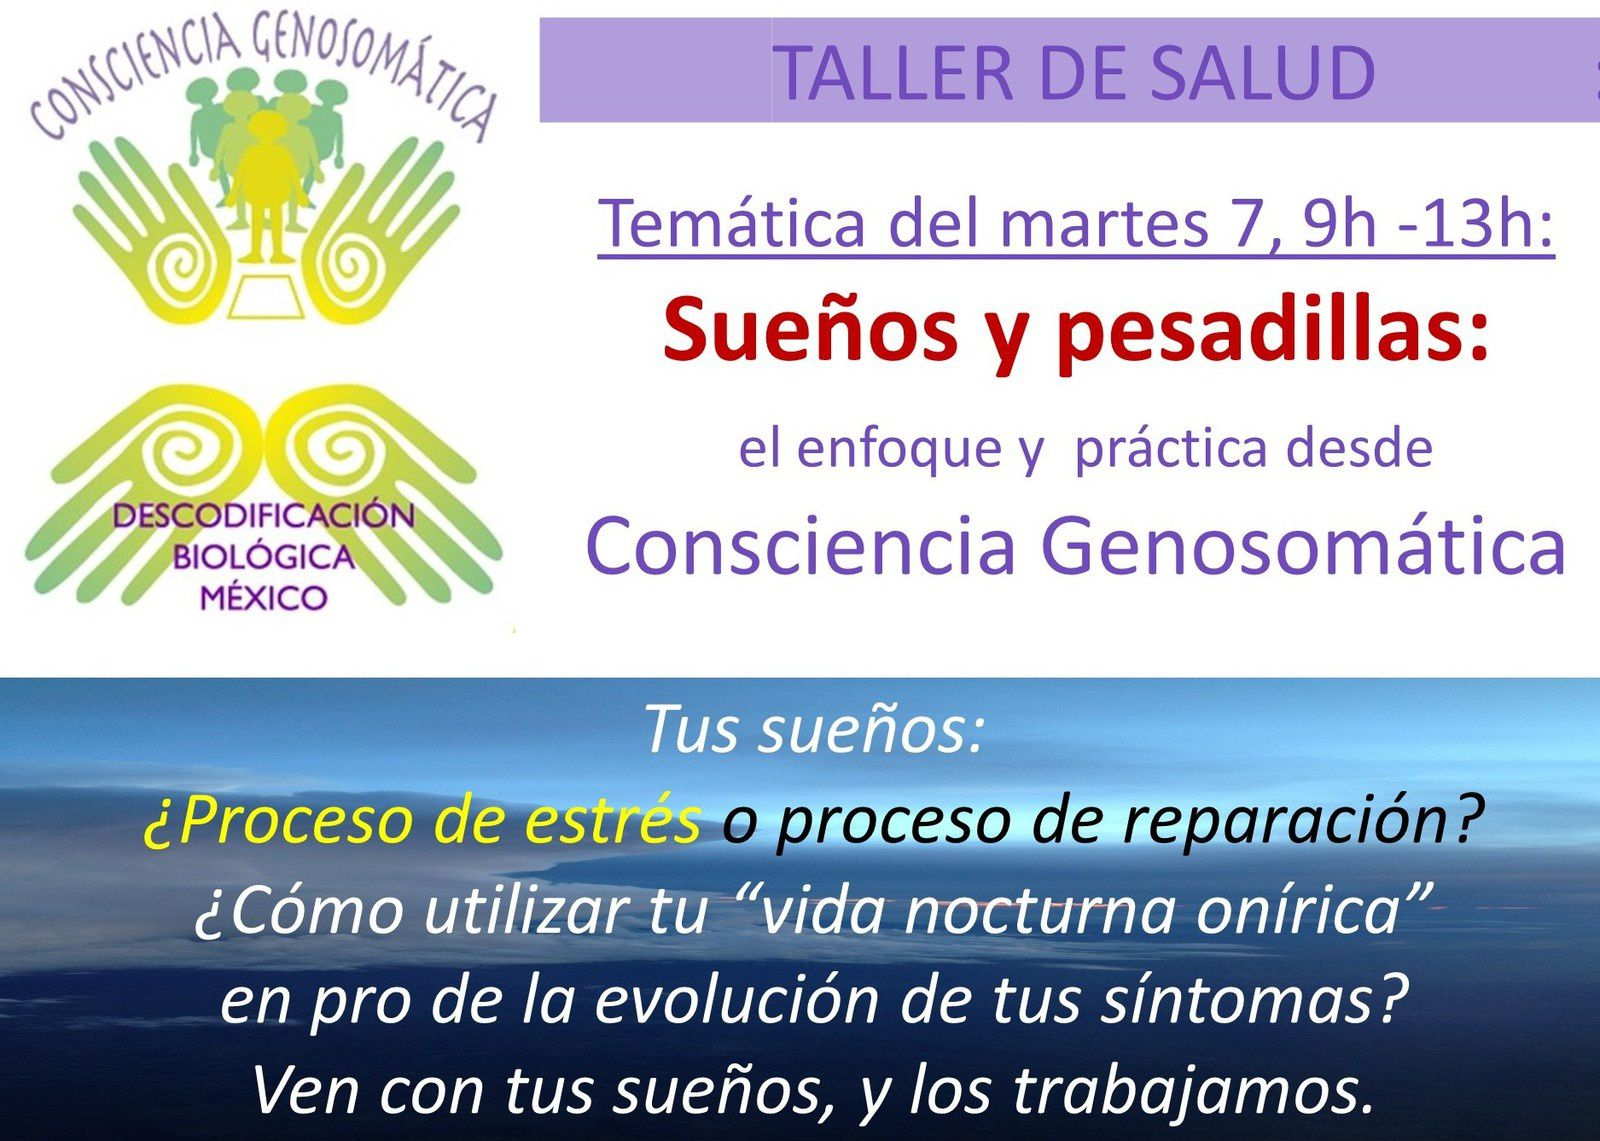 Este martes 7 de nov 9h -13h:  un nuevo tema en TALLER DE SALUD